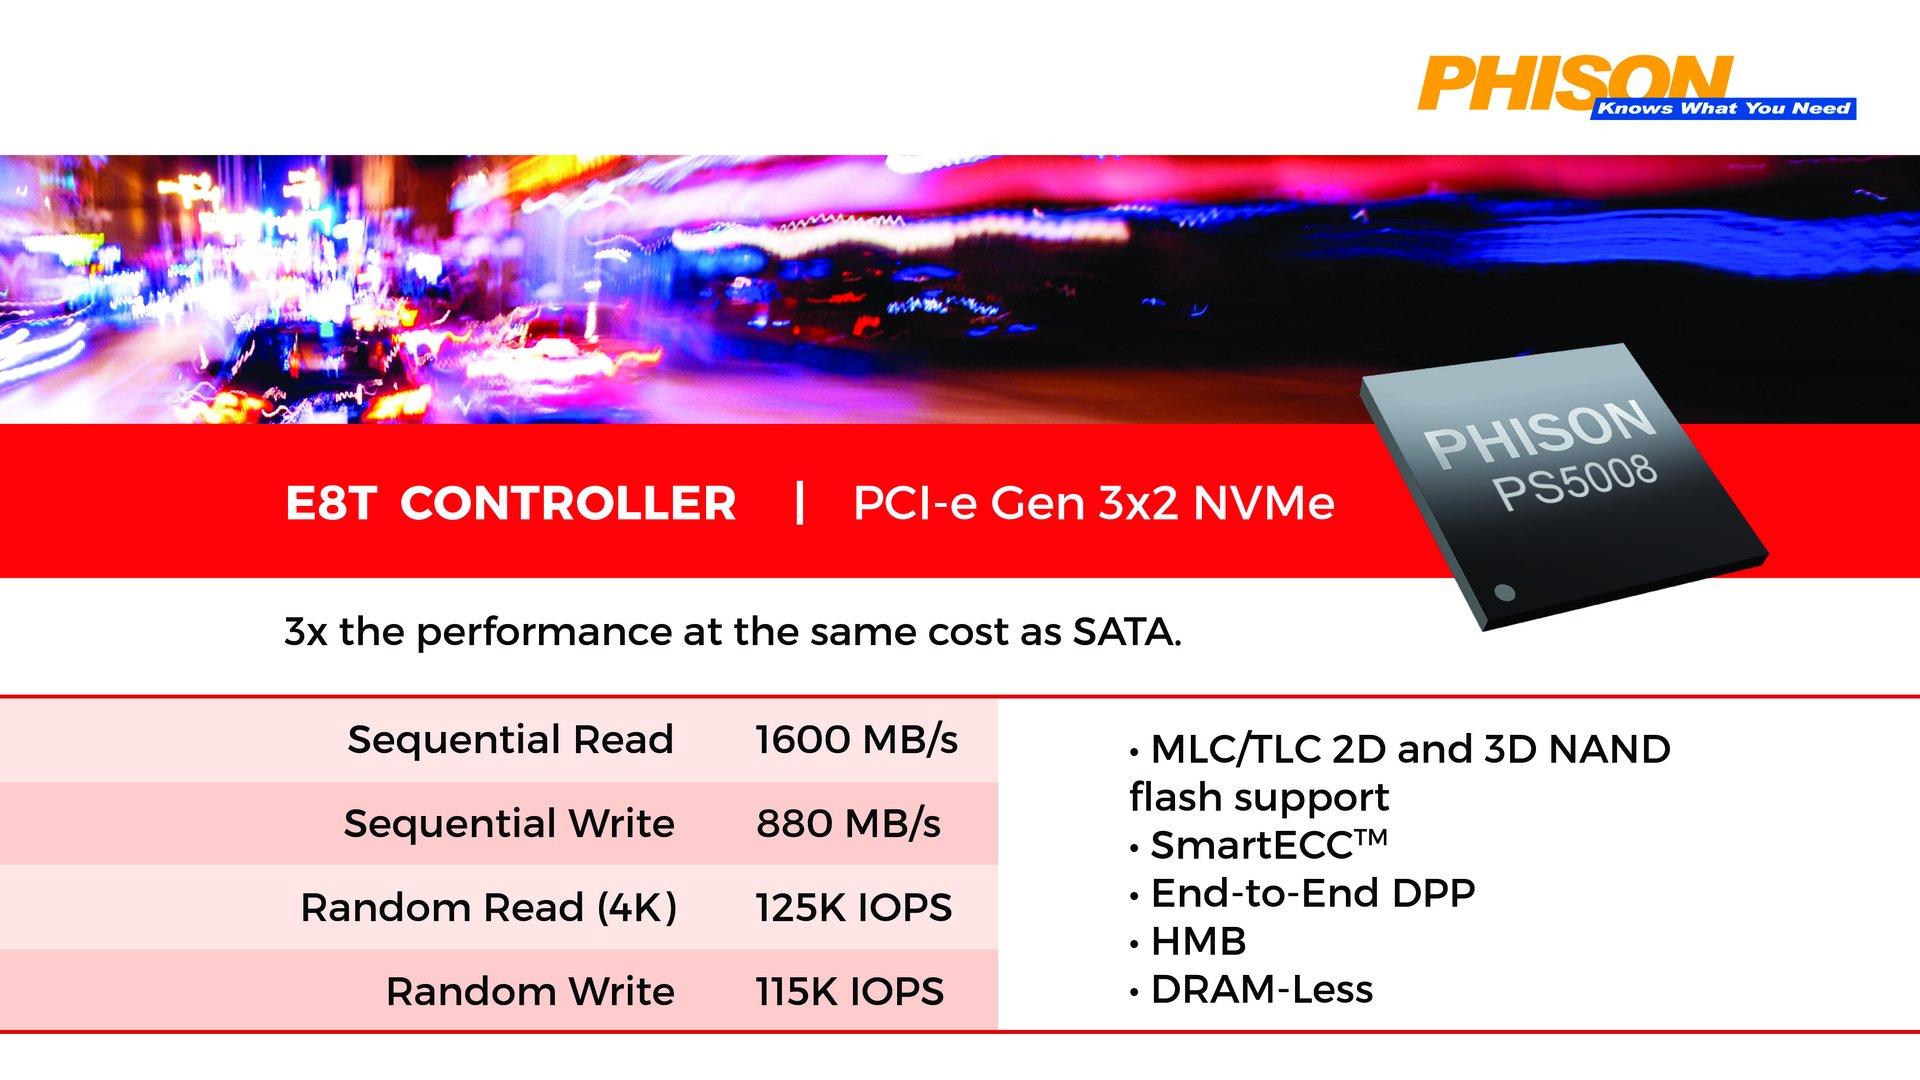 Phison E8T Controller (PS5008-E8T)